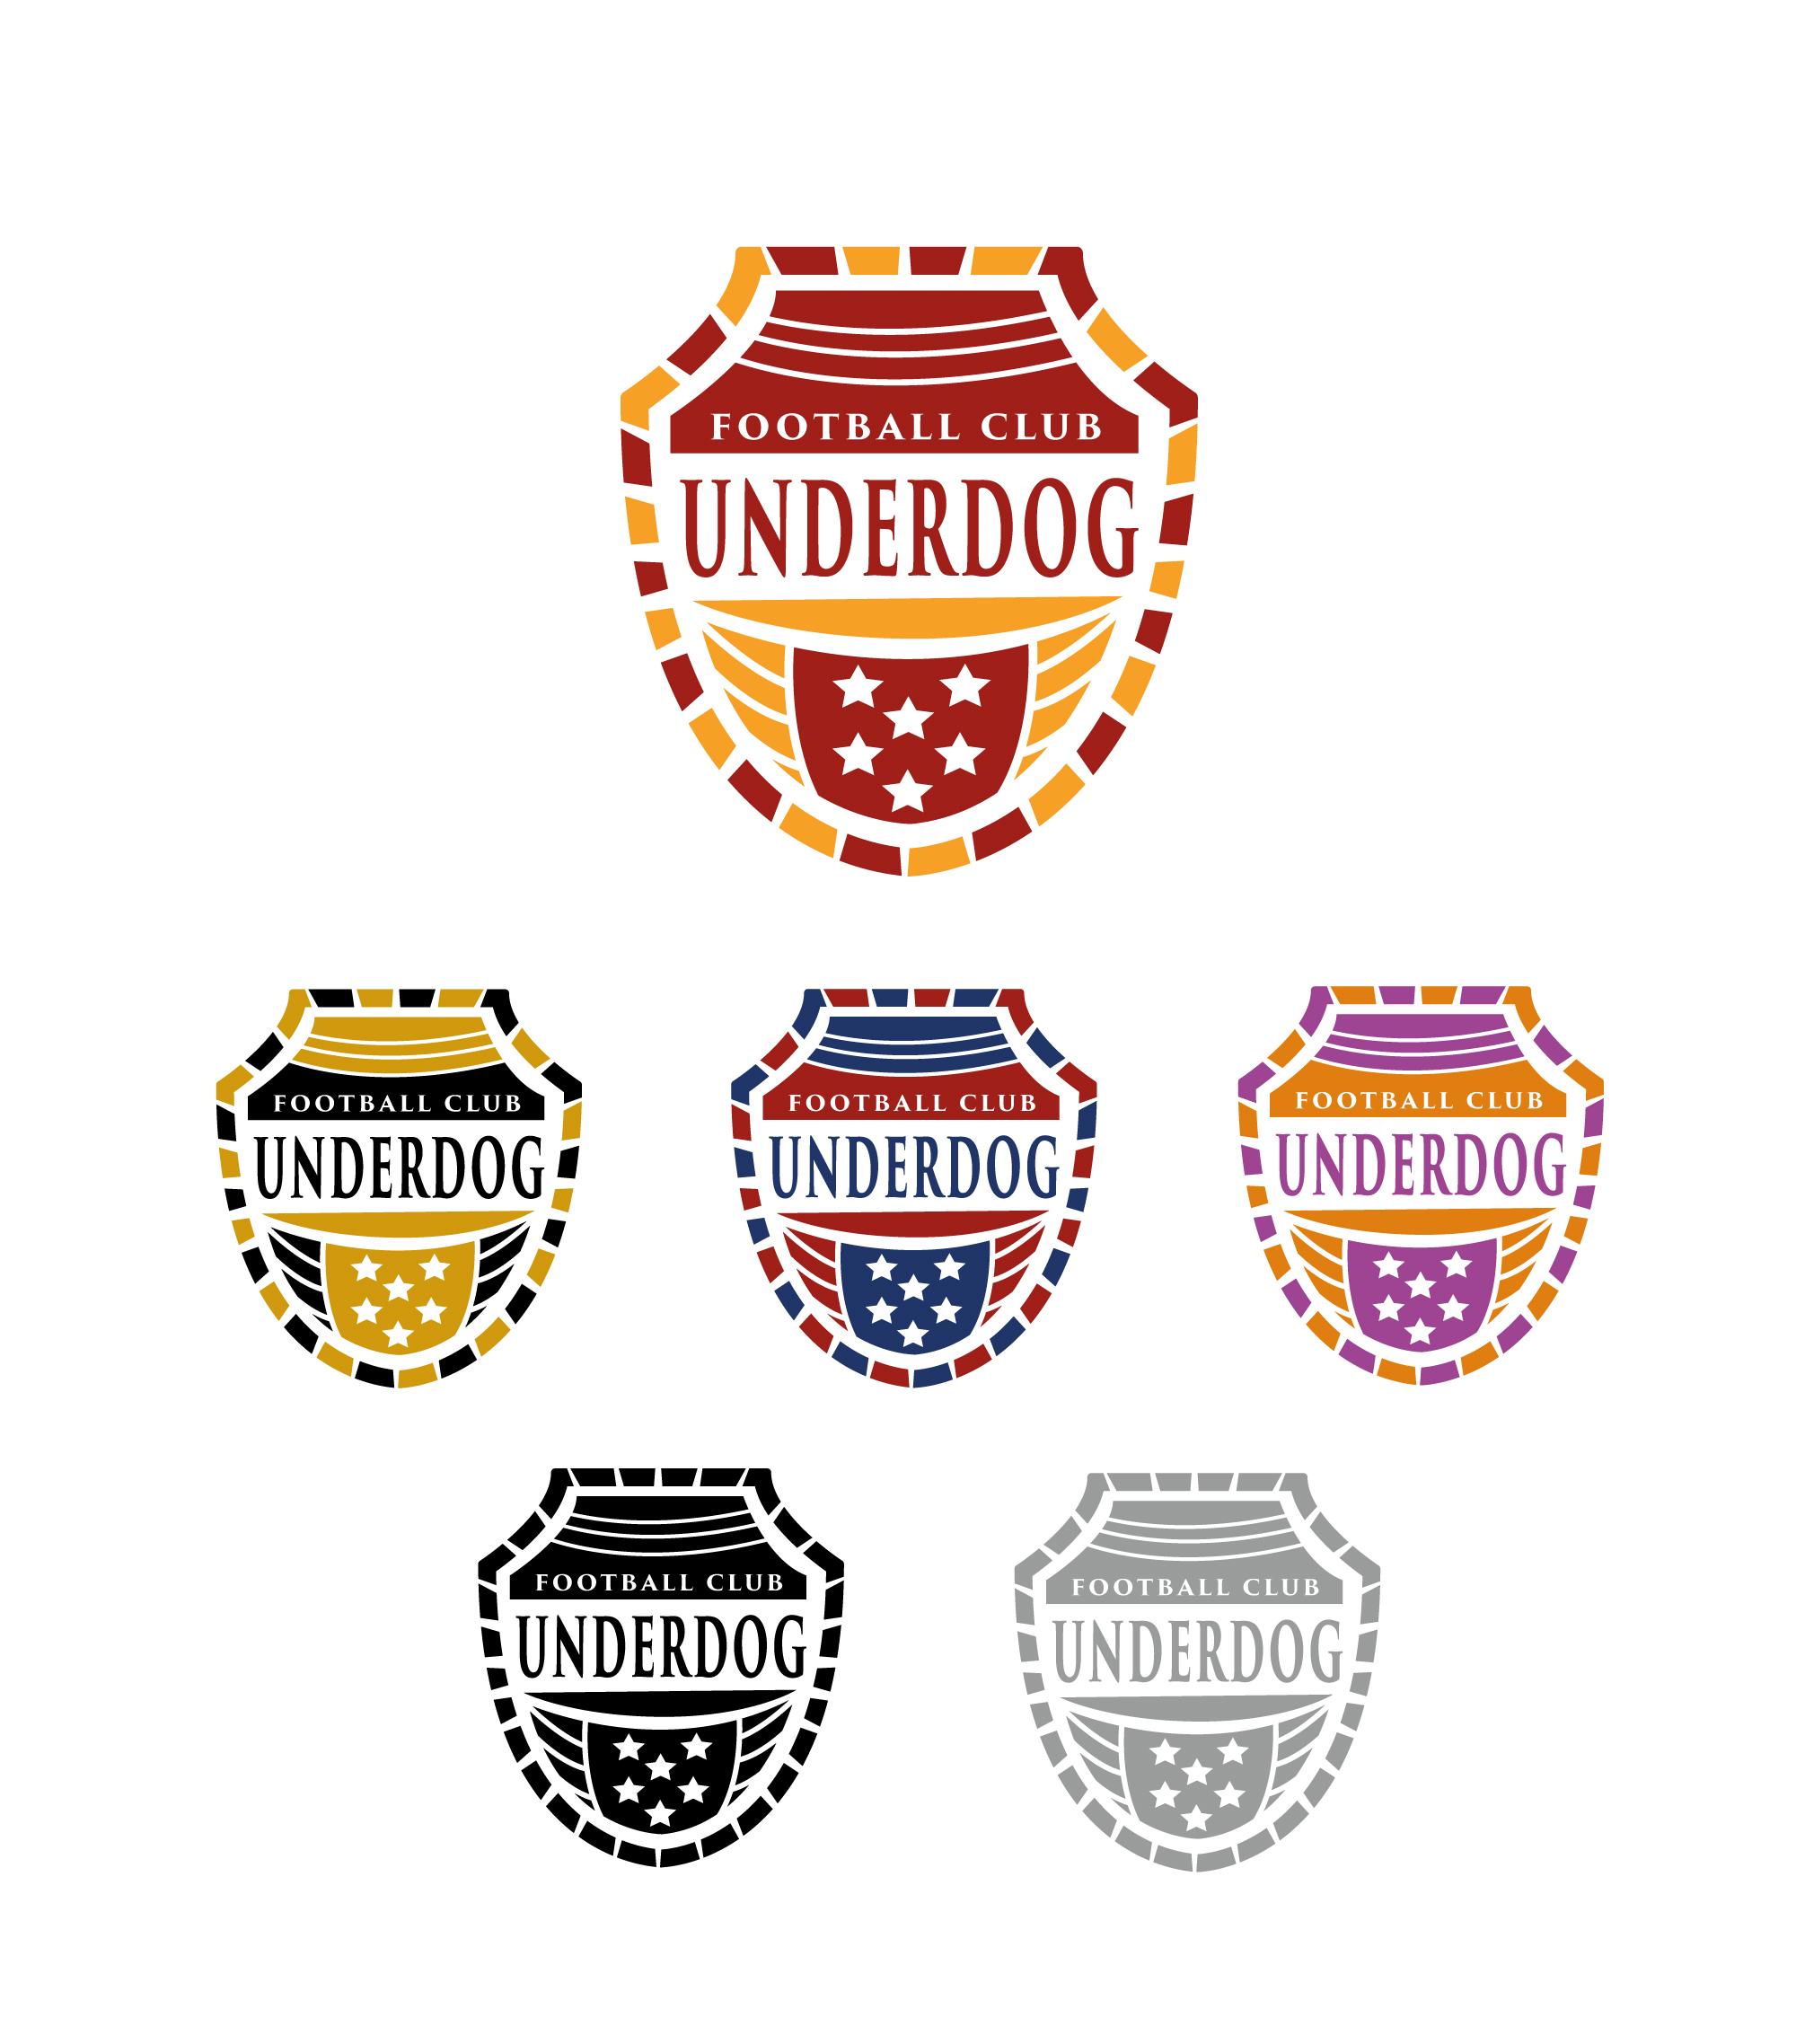 Футбольный клуб UNDERDOG - разработать фирстиль и бренд-бук фото f_4365cb460a65c9e2.jpg